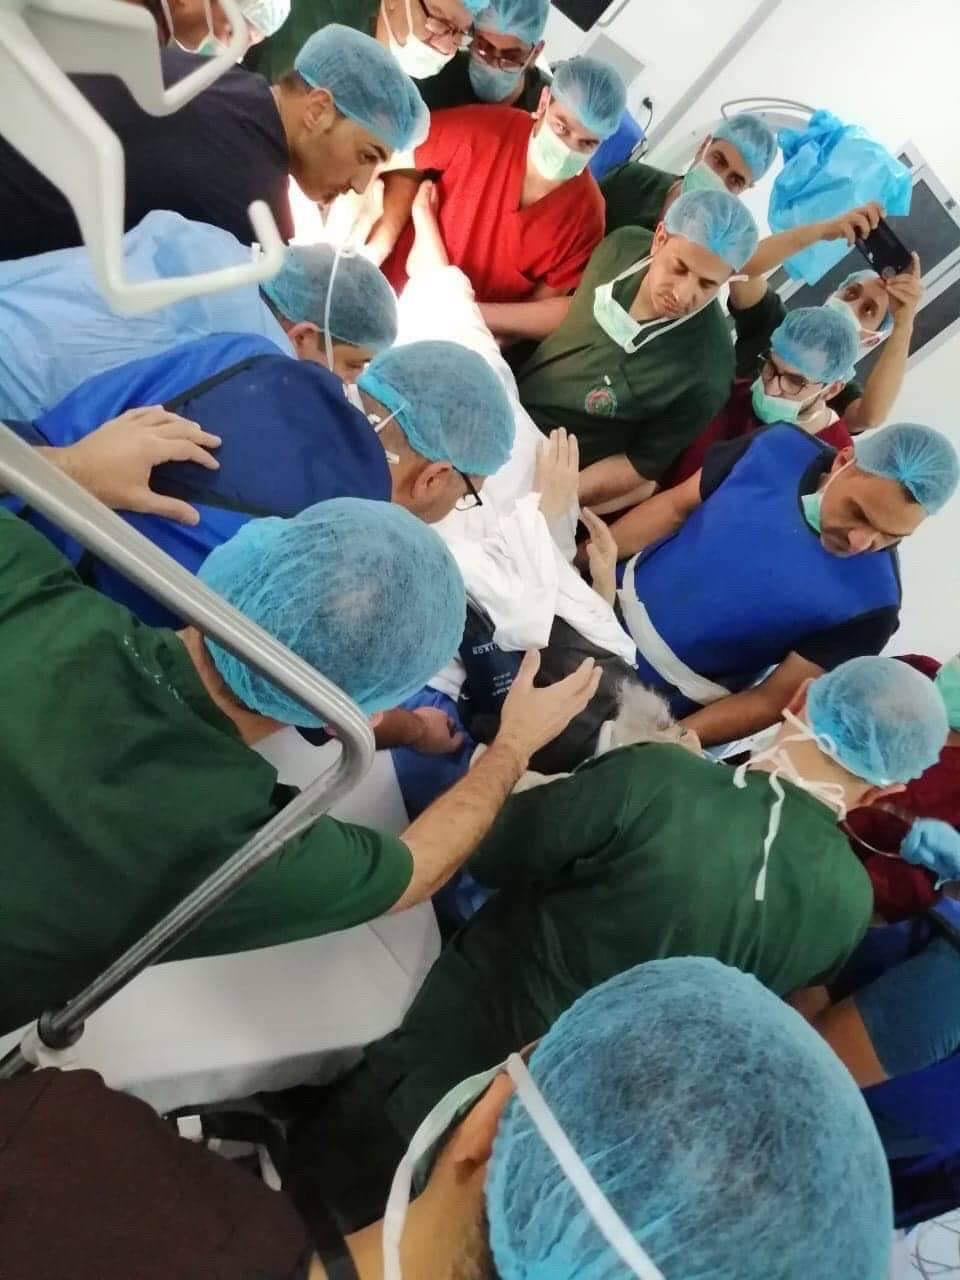 أحاط به الأطباء من كل جانب.. صور للمرجع السيستاني داخل صالة العمليات